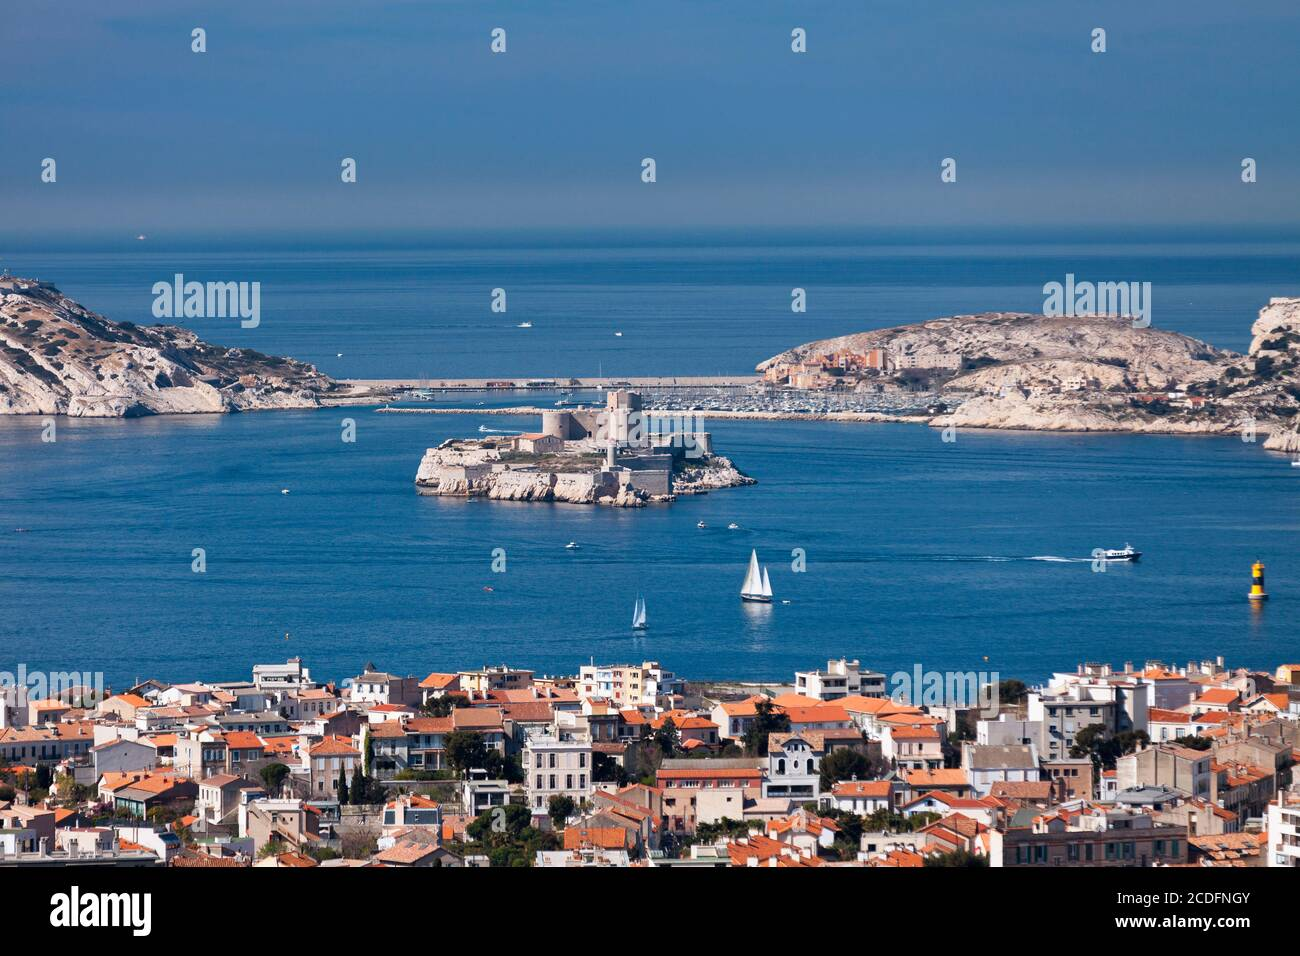 Die Château d'If ist eine Festung (später ein Gefängnis) auf der Insel If, der kleinsten Insel im Frioul-Archipel im Mittelmeer Stockfoto